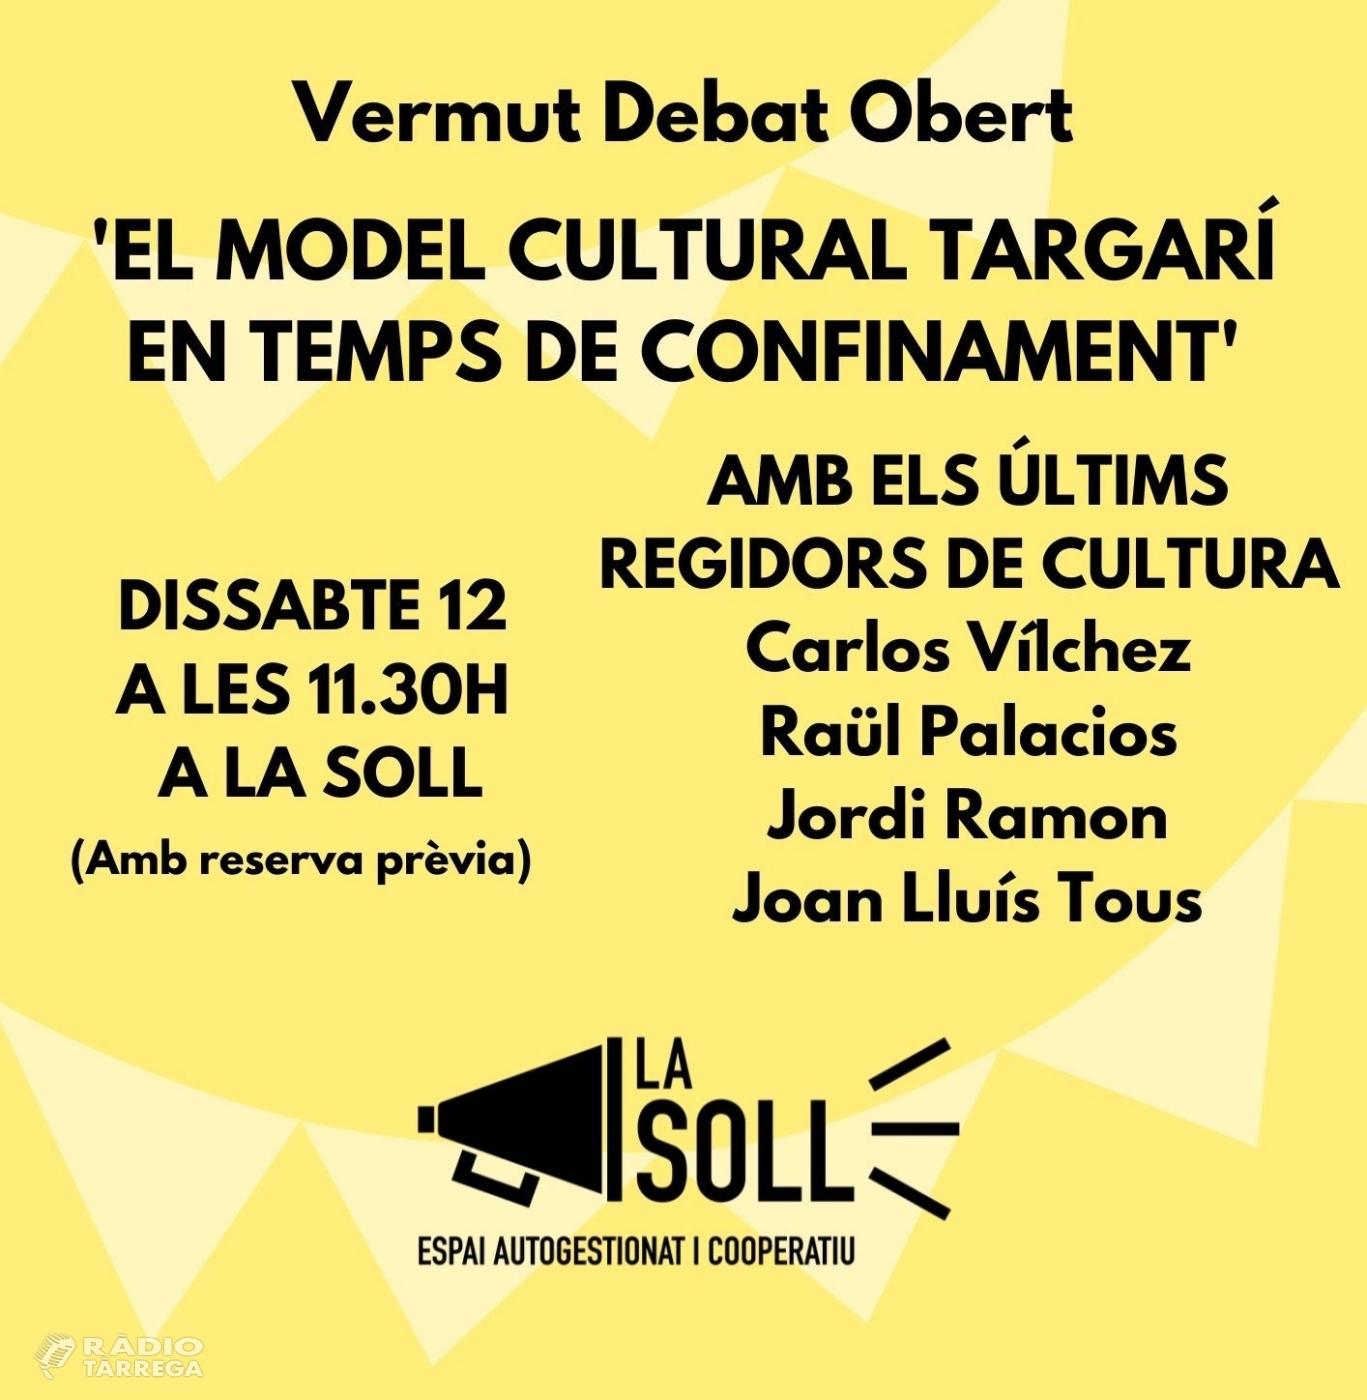 La Soll inicia dissabte un cicle de debats de model de ciutat de Tàrrega i s'estrenarà amb la cultura en temps de confinament